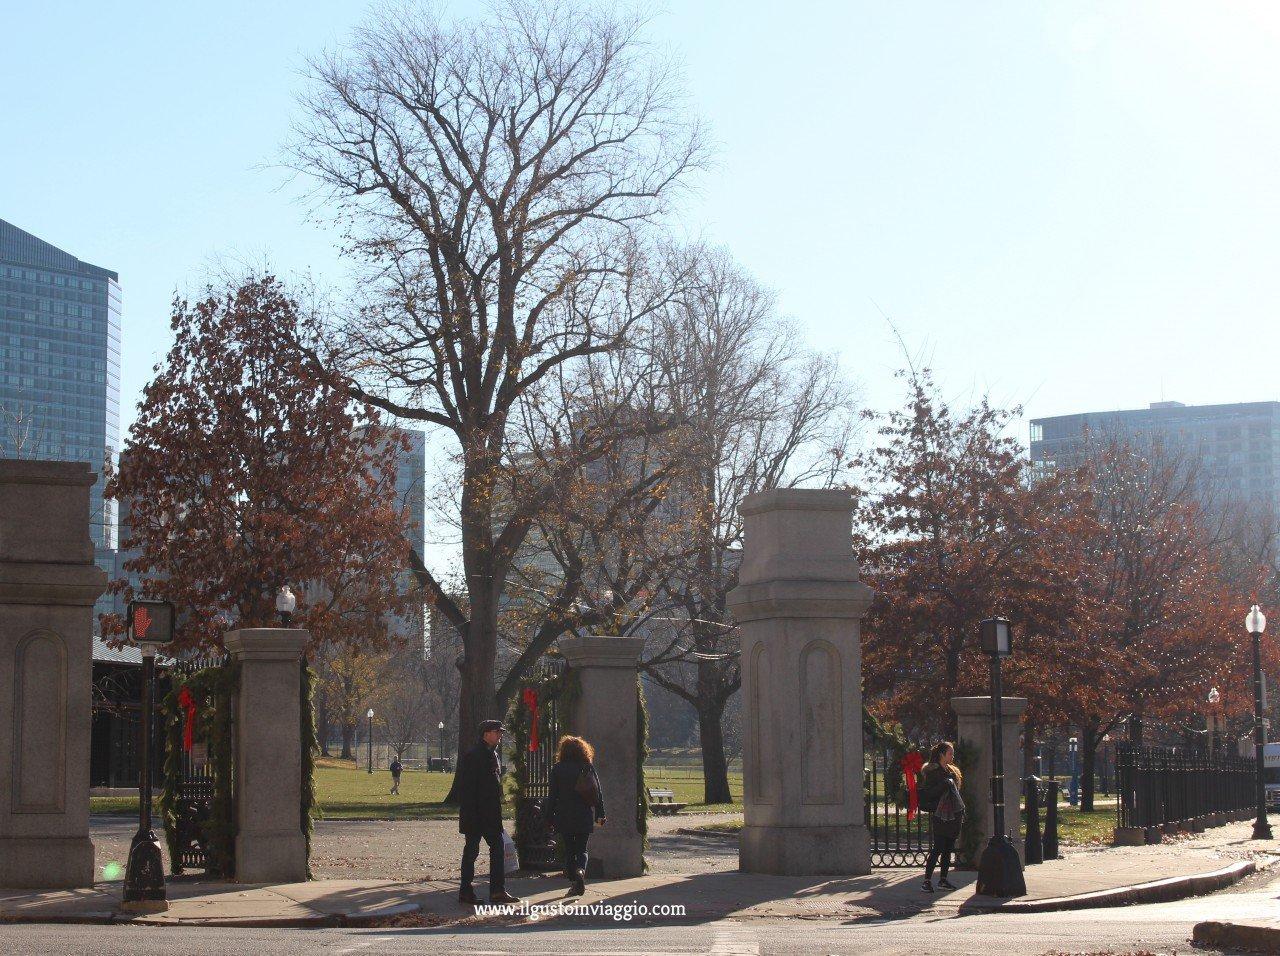 passeggiata al boston common park di boston, mattina al boston common park